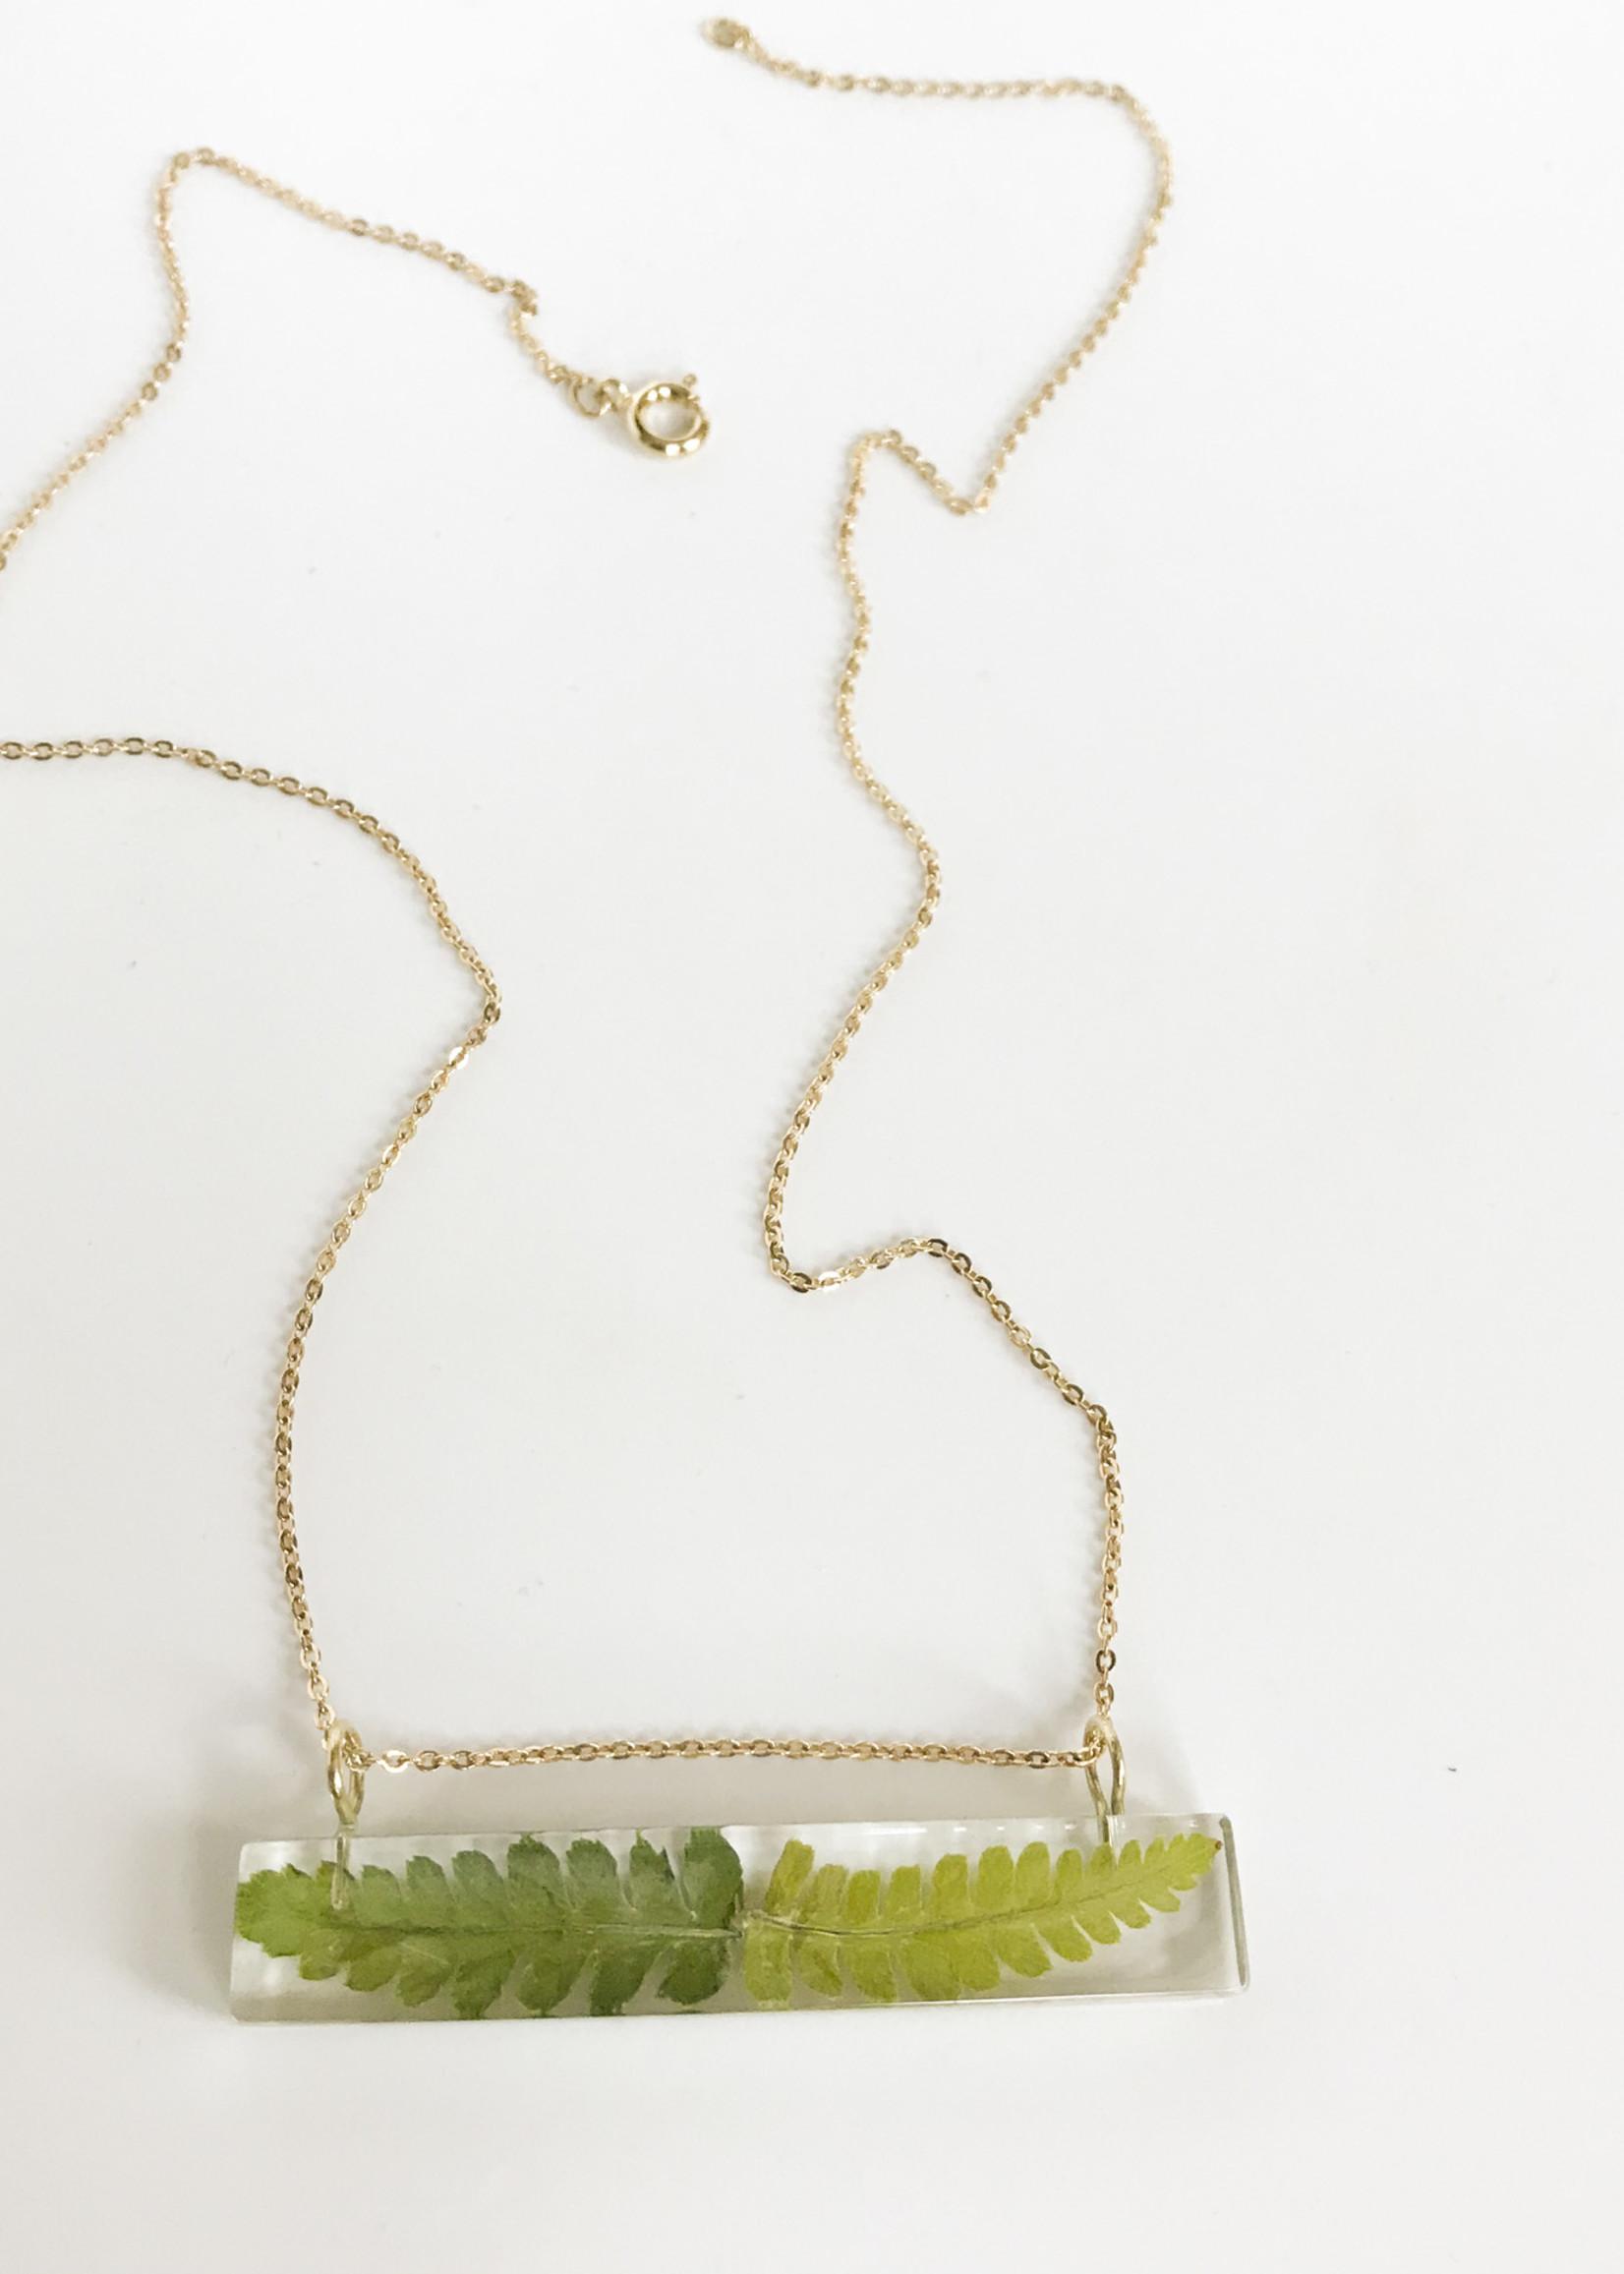 Belart Palito Fern Necklace